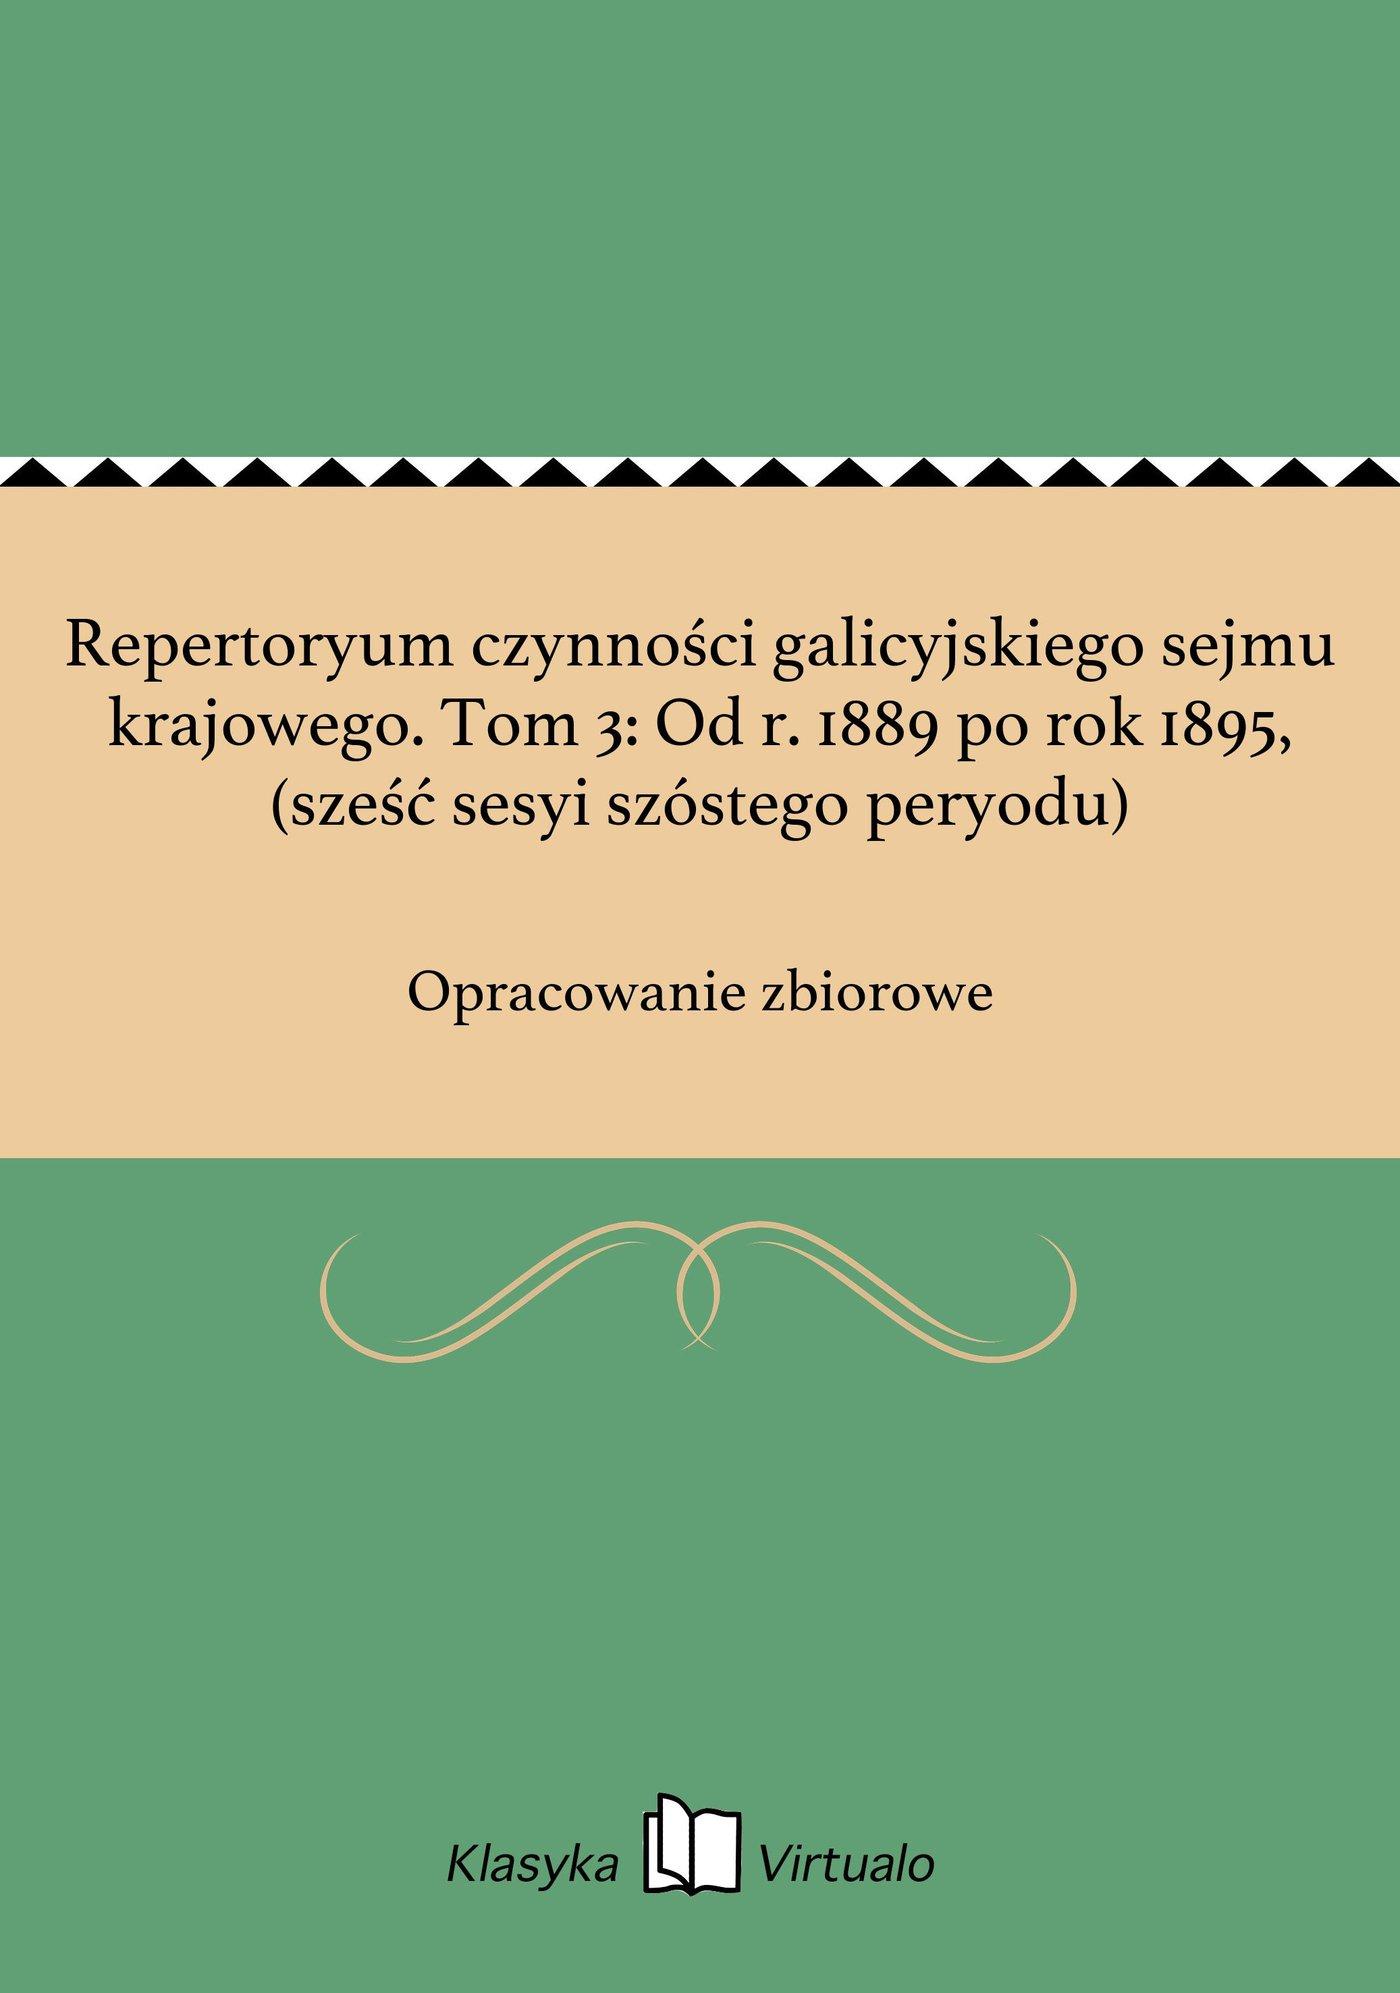 Repertoryum czynności galicyjskiego sejmu krajowego. Tom 3: Od r. 1889 po rok 1895, (sześć sesyi szóstego peryodu) - Ebook (Książka EPUB) do pobrania w formacie EPUB